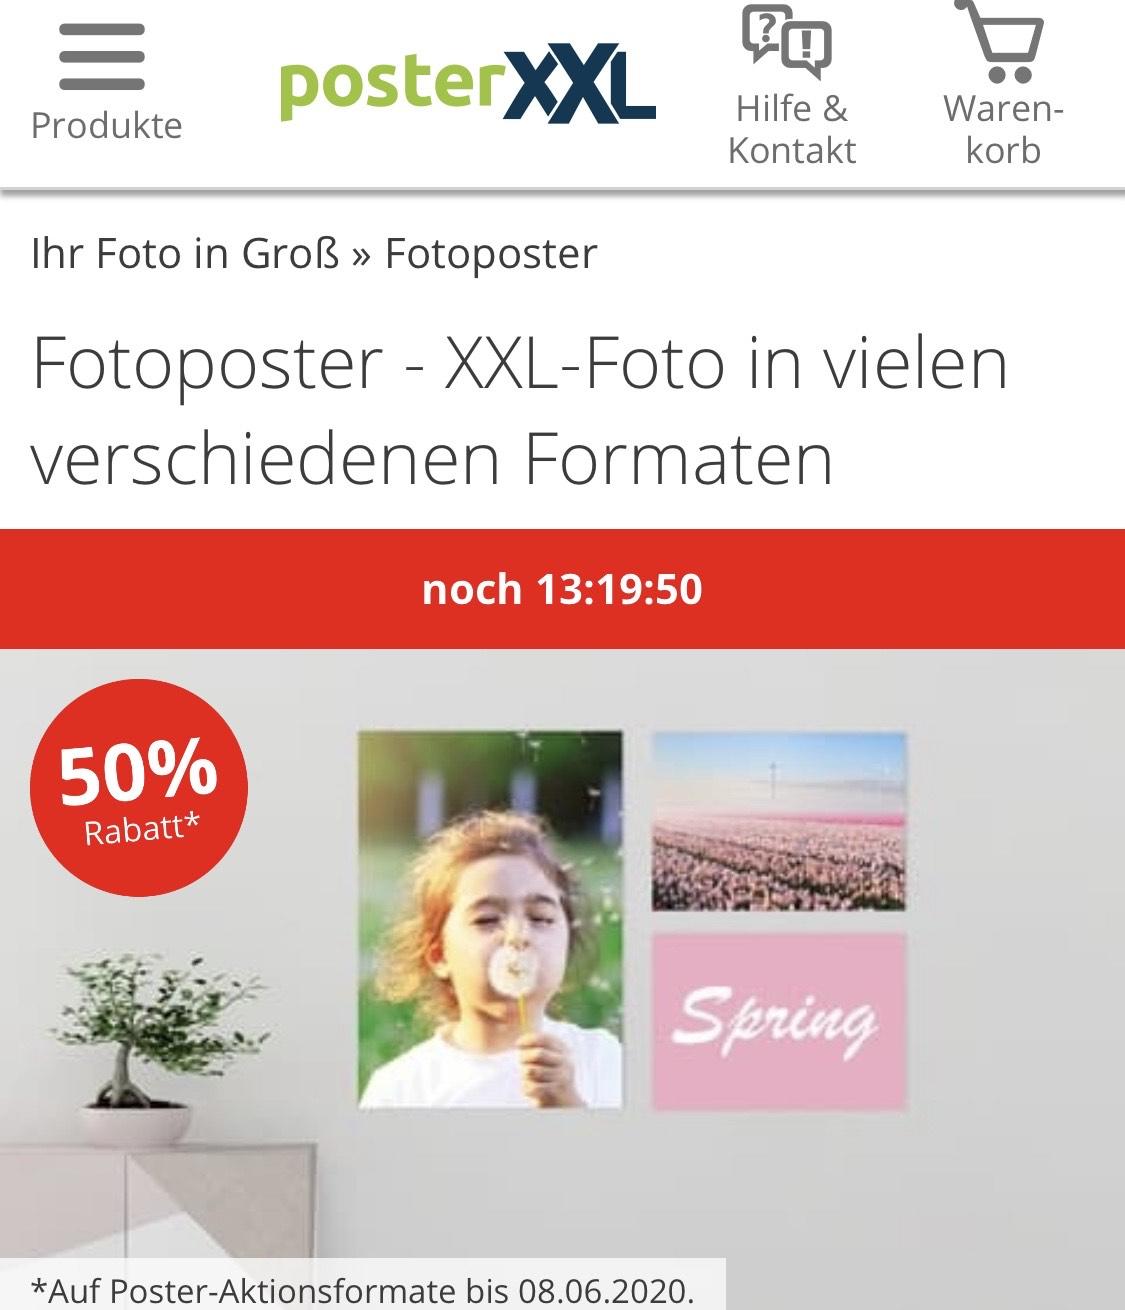 50% bei posterXXL Bilder drucken lassen